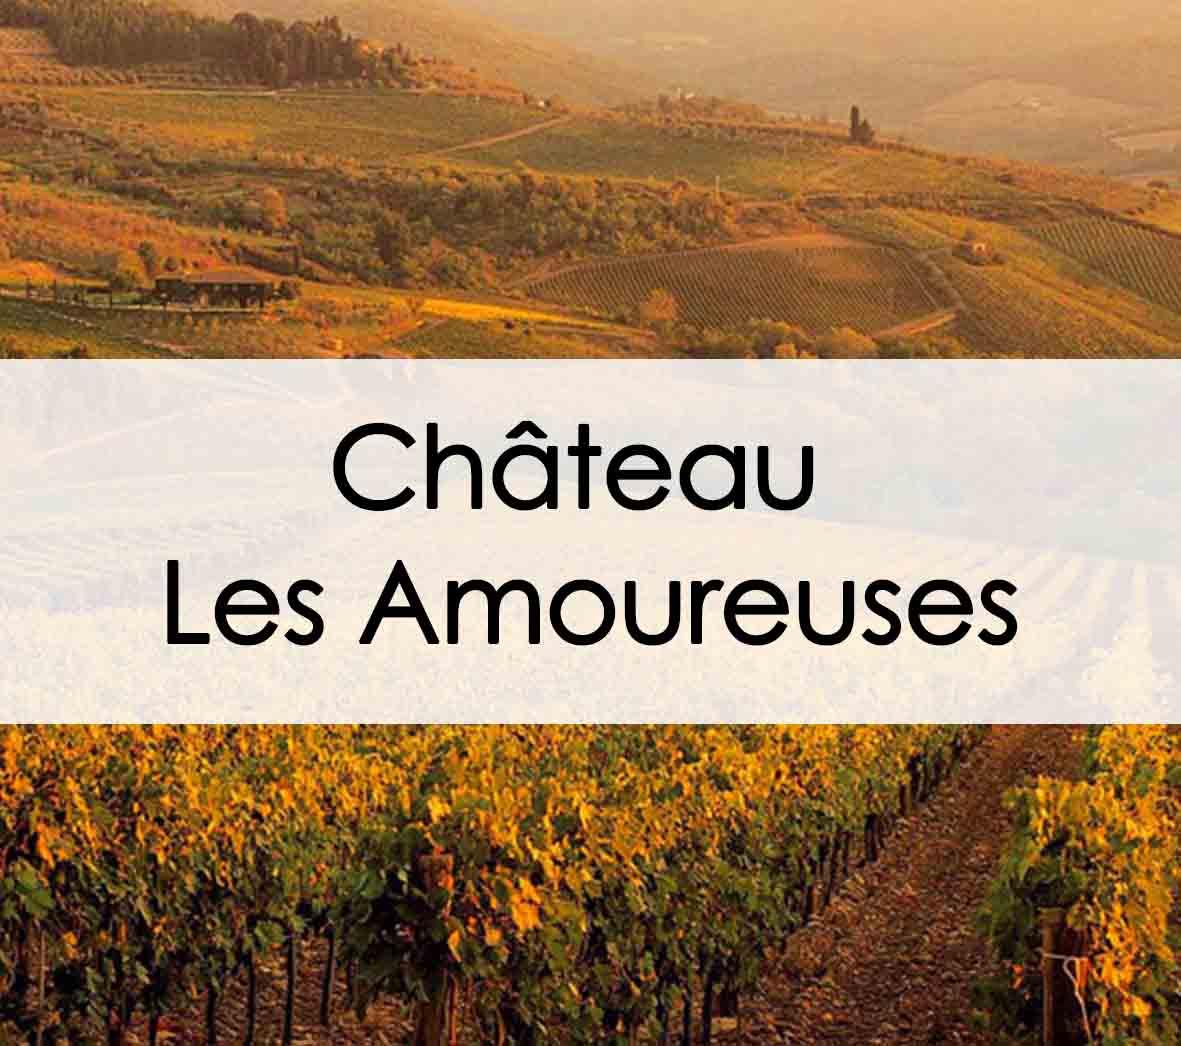 Château_Les_Amoureuses